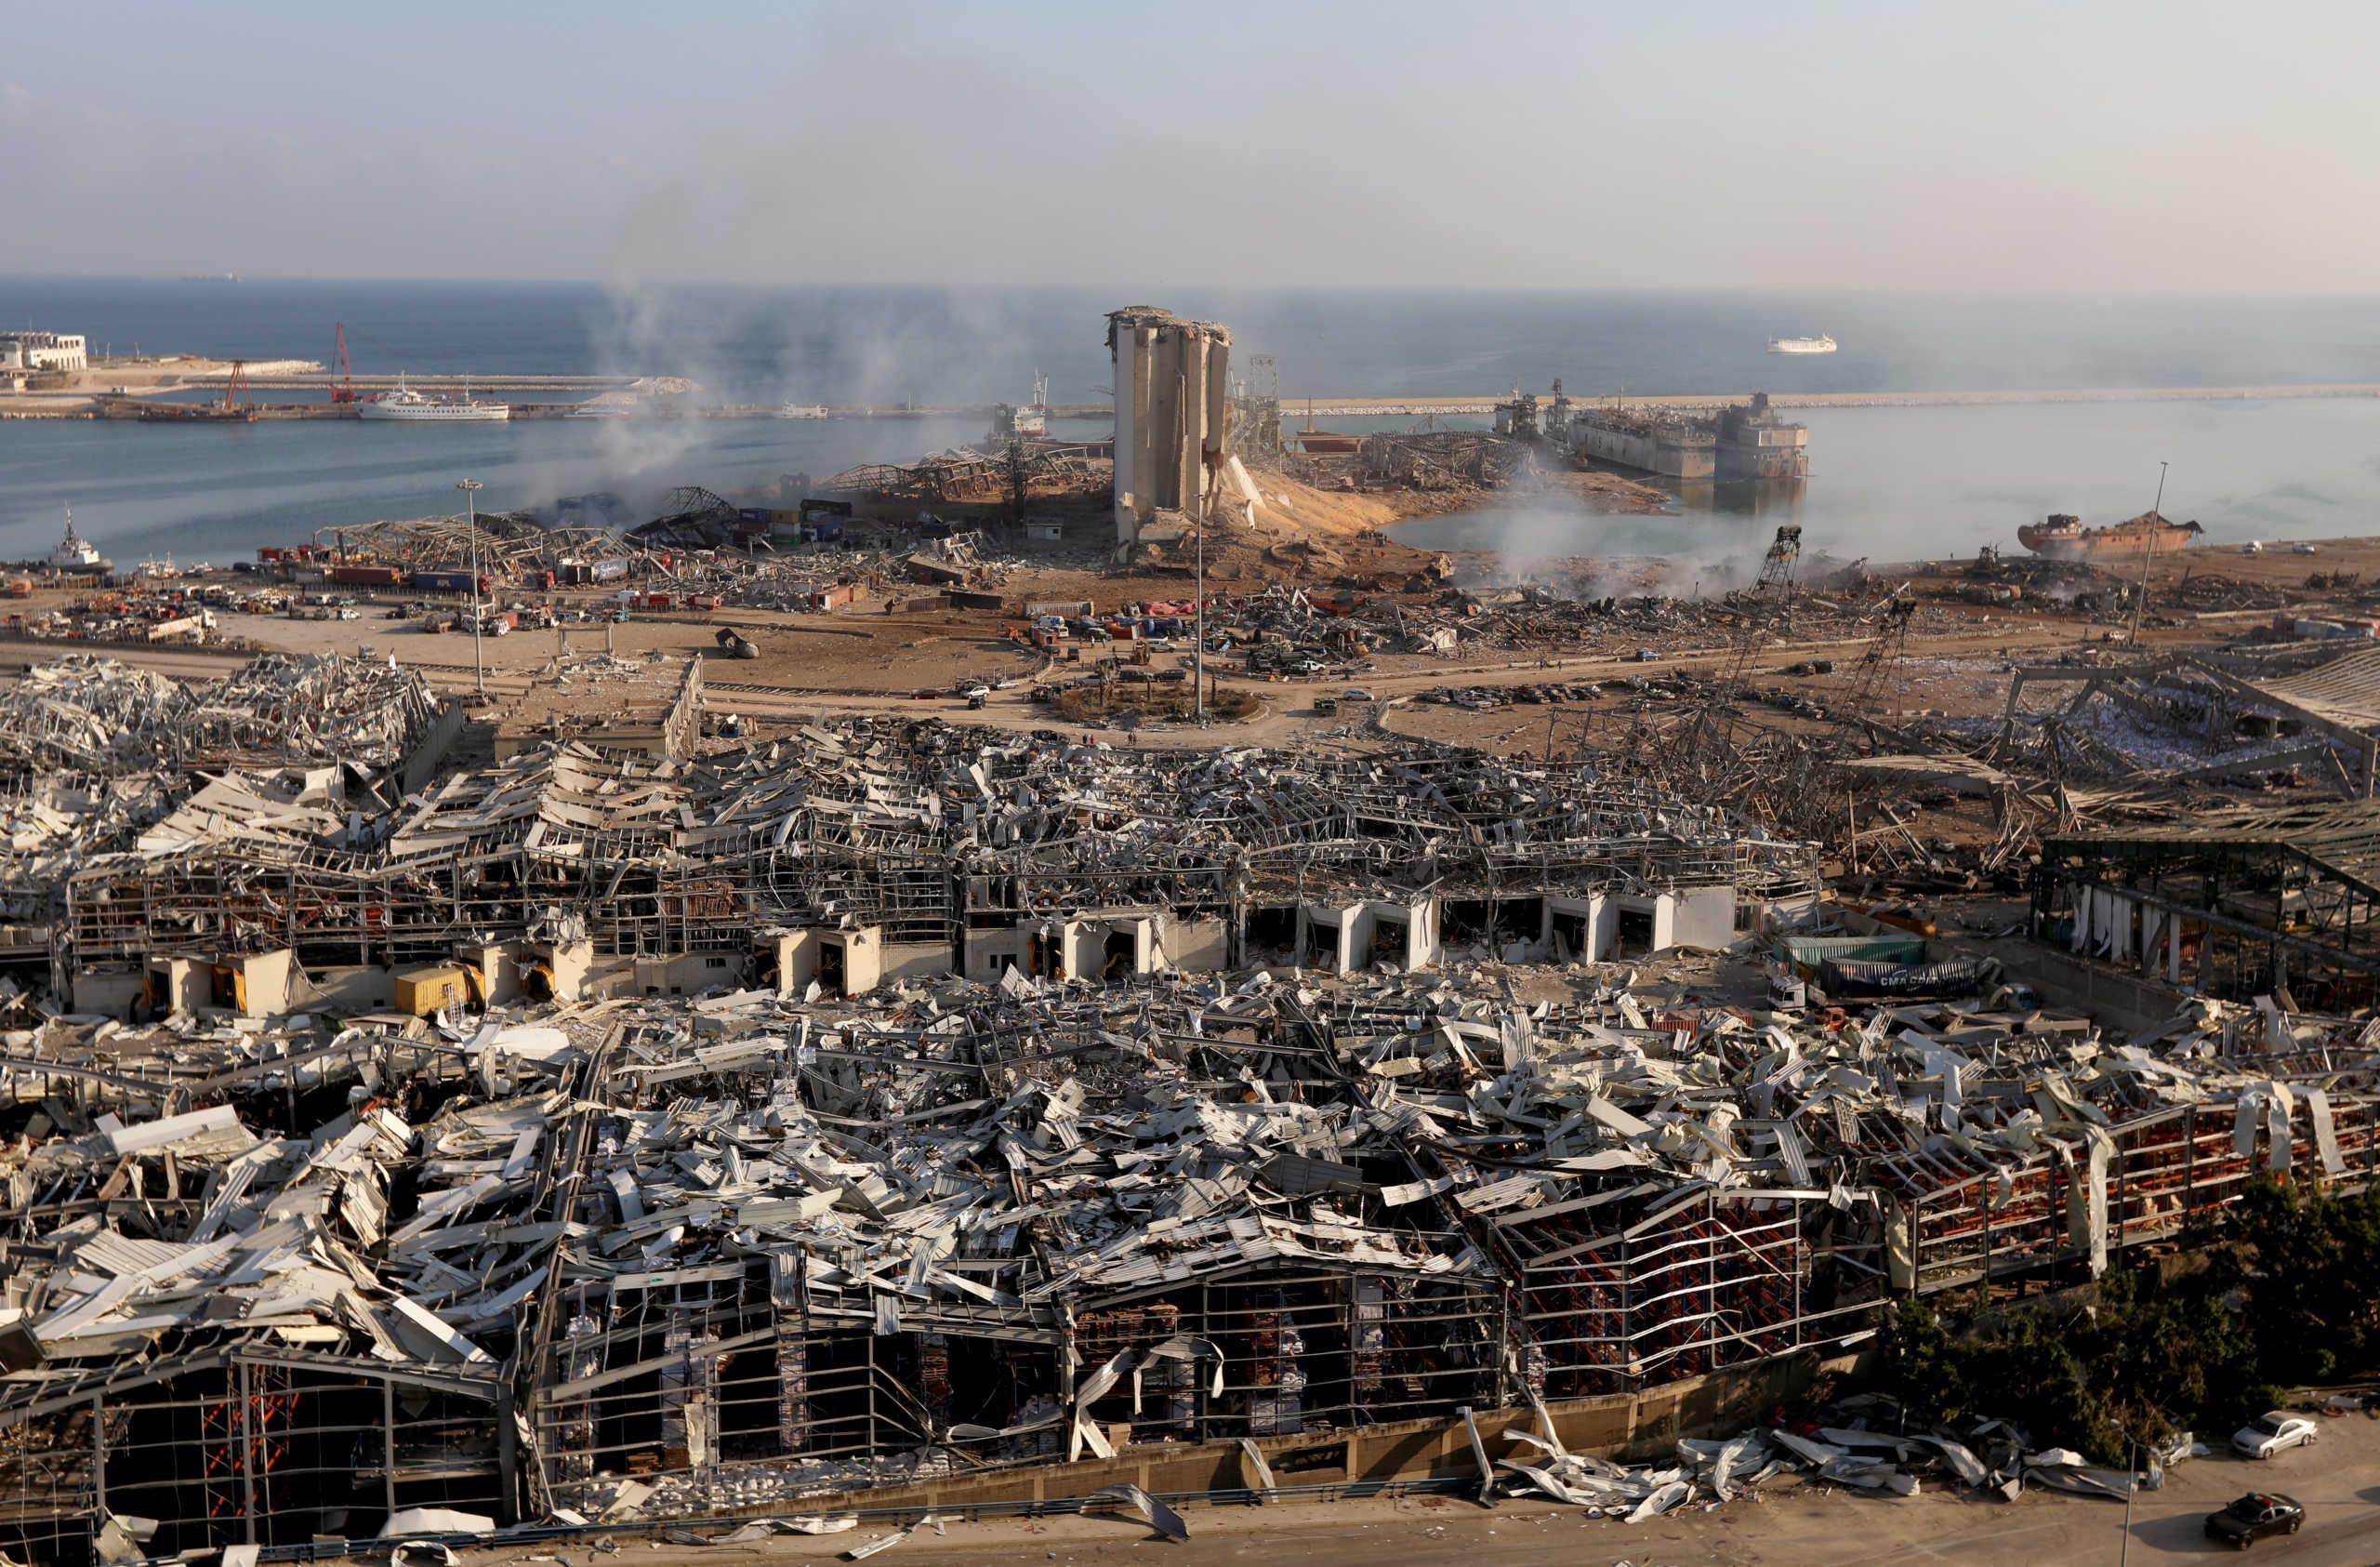 Βηρυτός: 137 οι νεκροί από τις τρομακτικές εκρήξεις – 5.000 οι τραυματίες